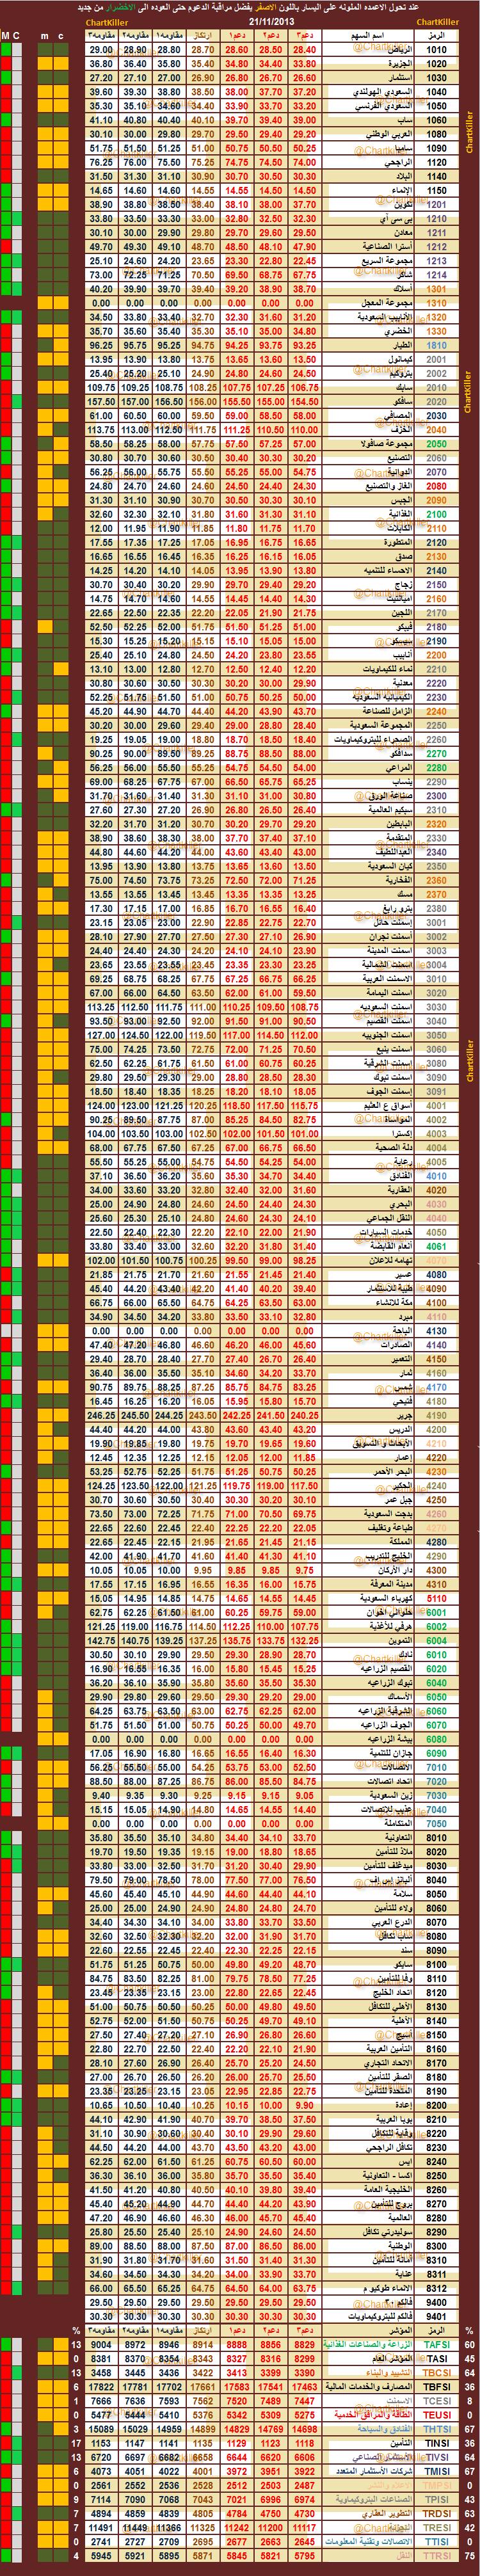 الدعم المقاومه ليوم  الخميس    21-11-2013  ::   السوق  السعودي  505855504